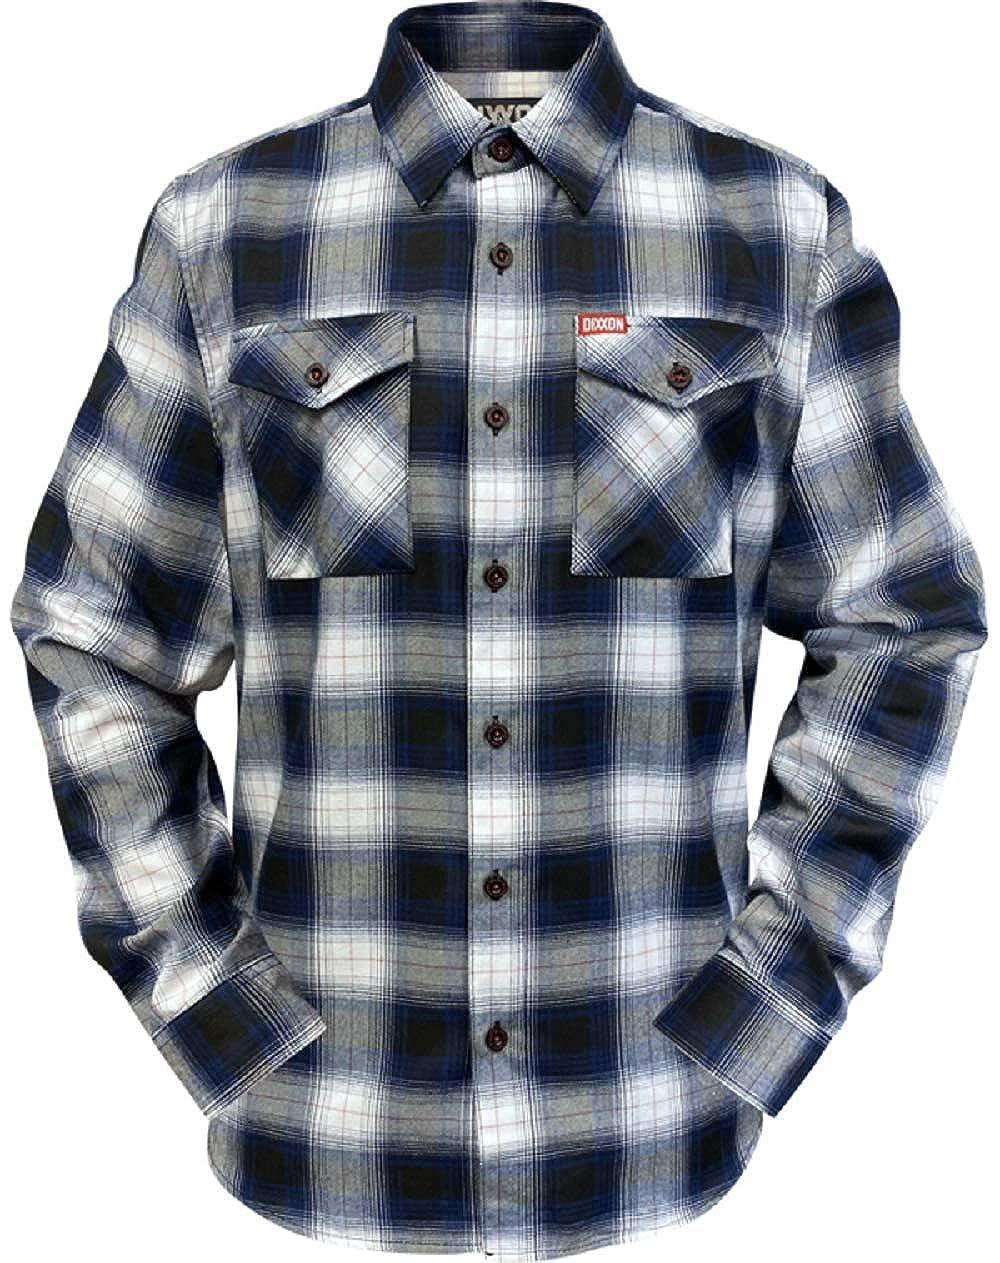 Docs Motorcycle Parts DIXXON Flannel Shirt Deadeye